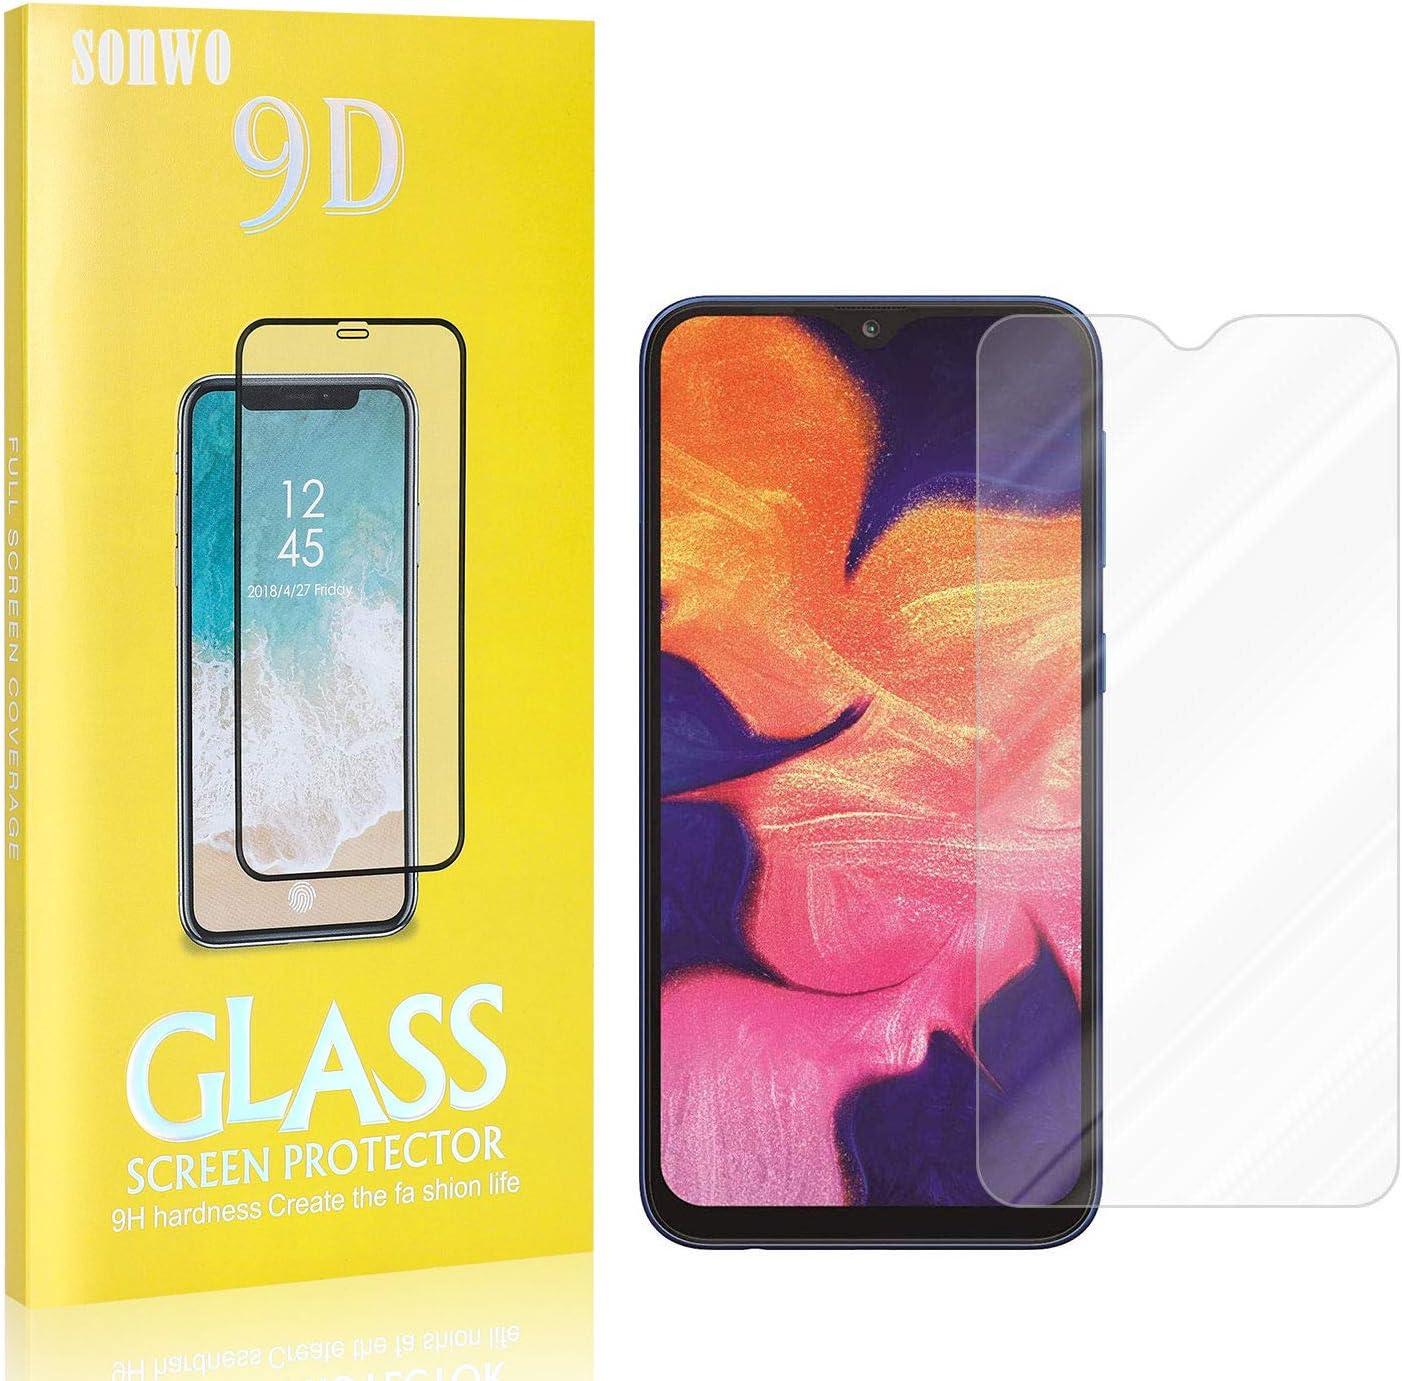 Galaxy M10 Galaxy M20 Verre Tremp/é Compatible avec Galaxy A10 Galaxy M20 4 Pi/èces SONWO Film Protection en Verre Tremp/é Glass Protecteur d/Écran pour Samsung Galaxy A10 Galaxy M10